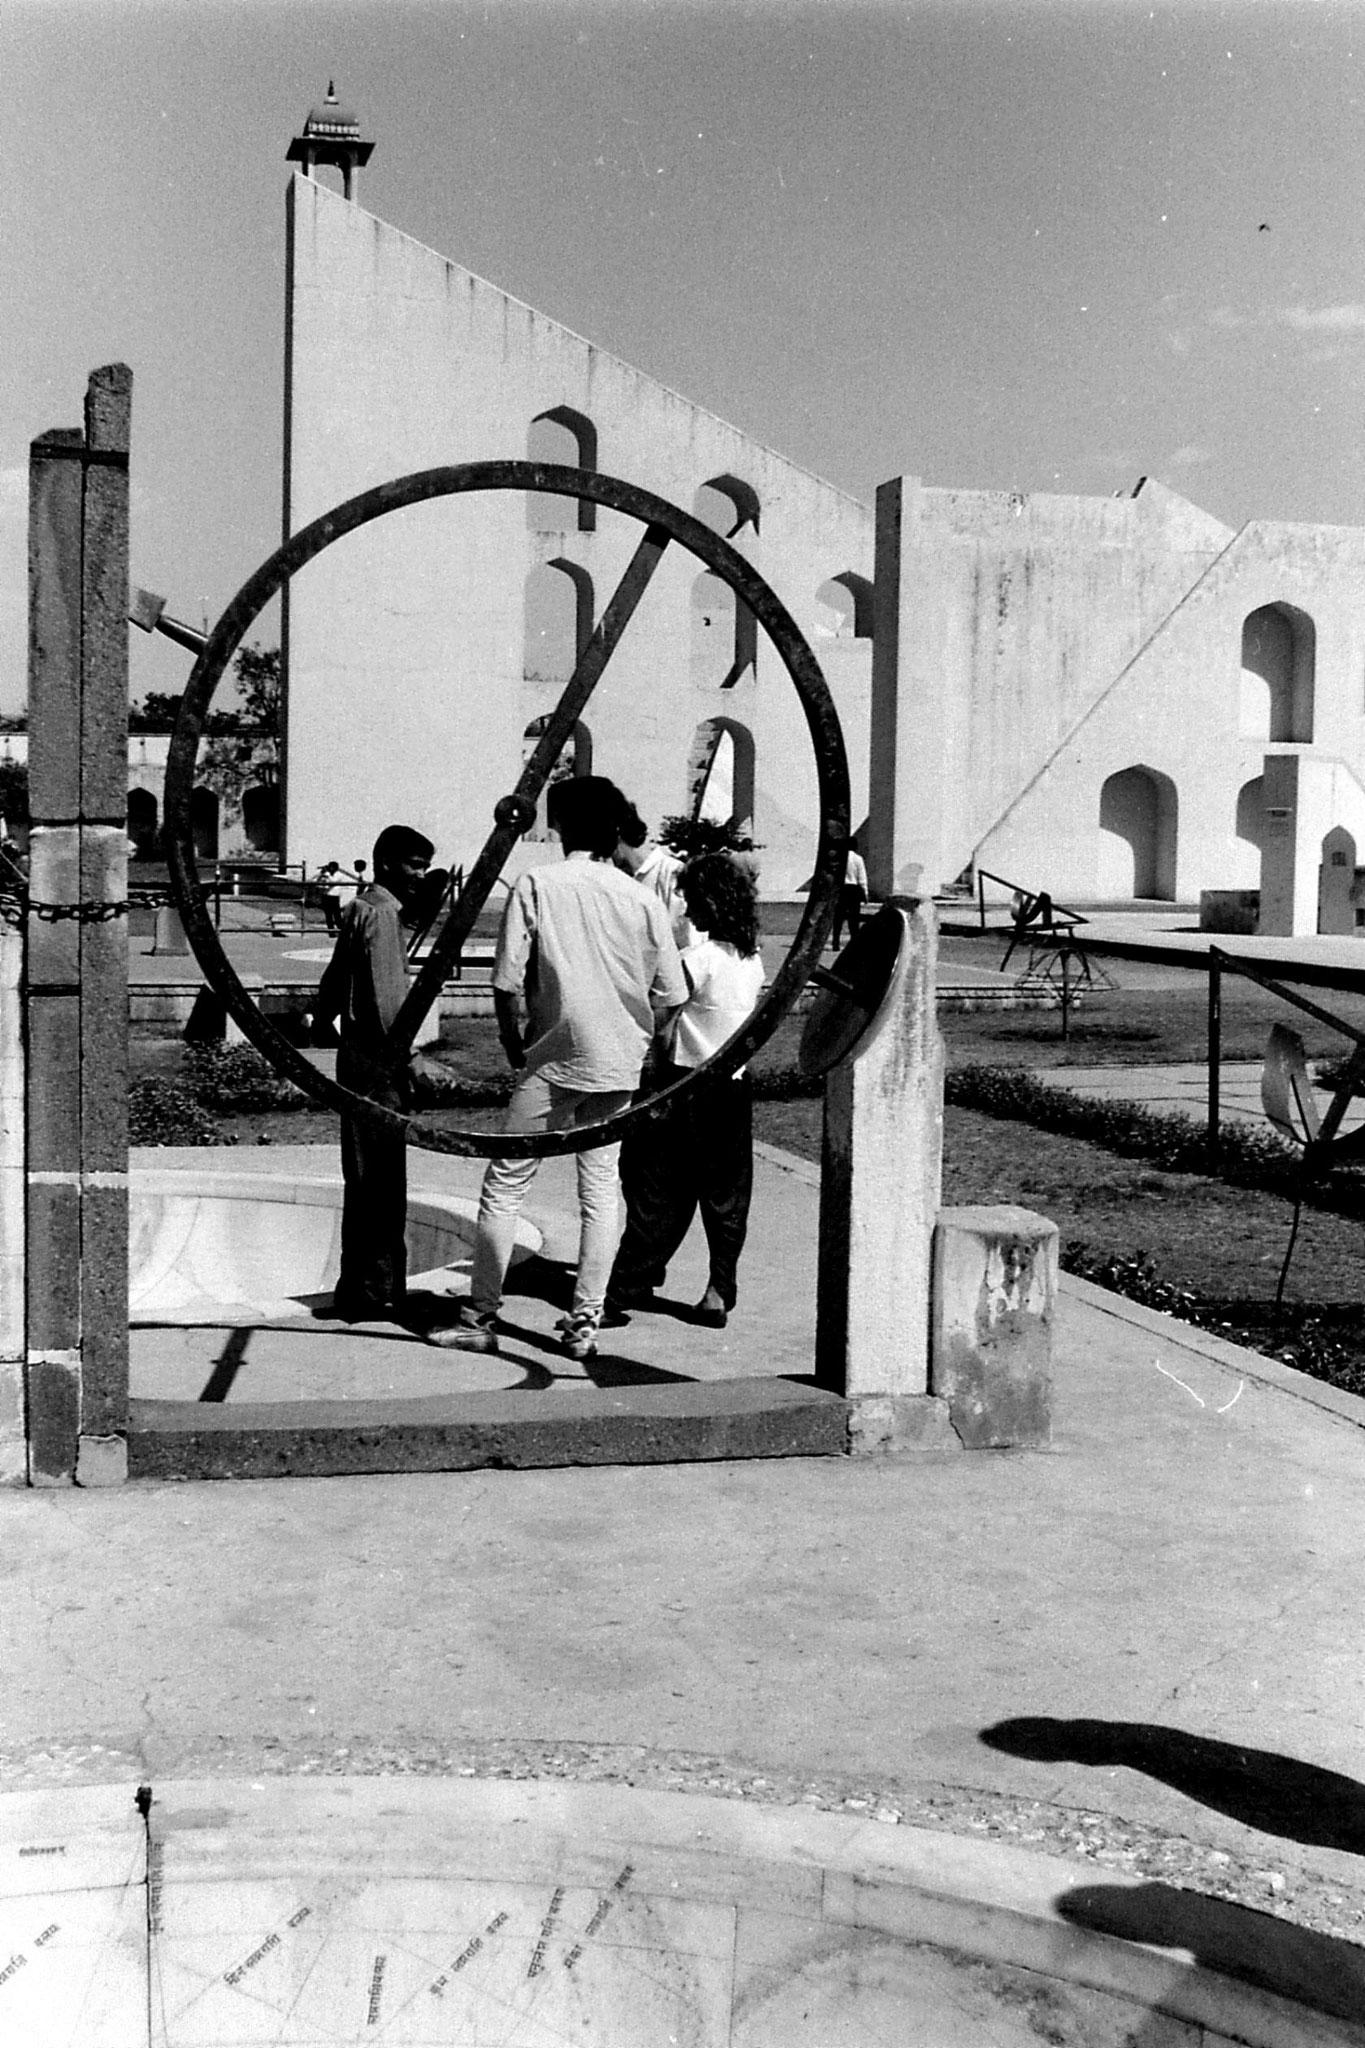 3/4/1990: 30: Jantar Mantar